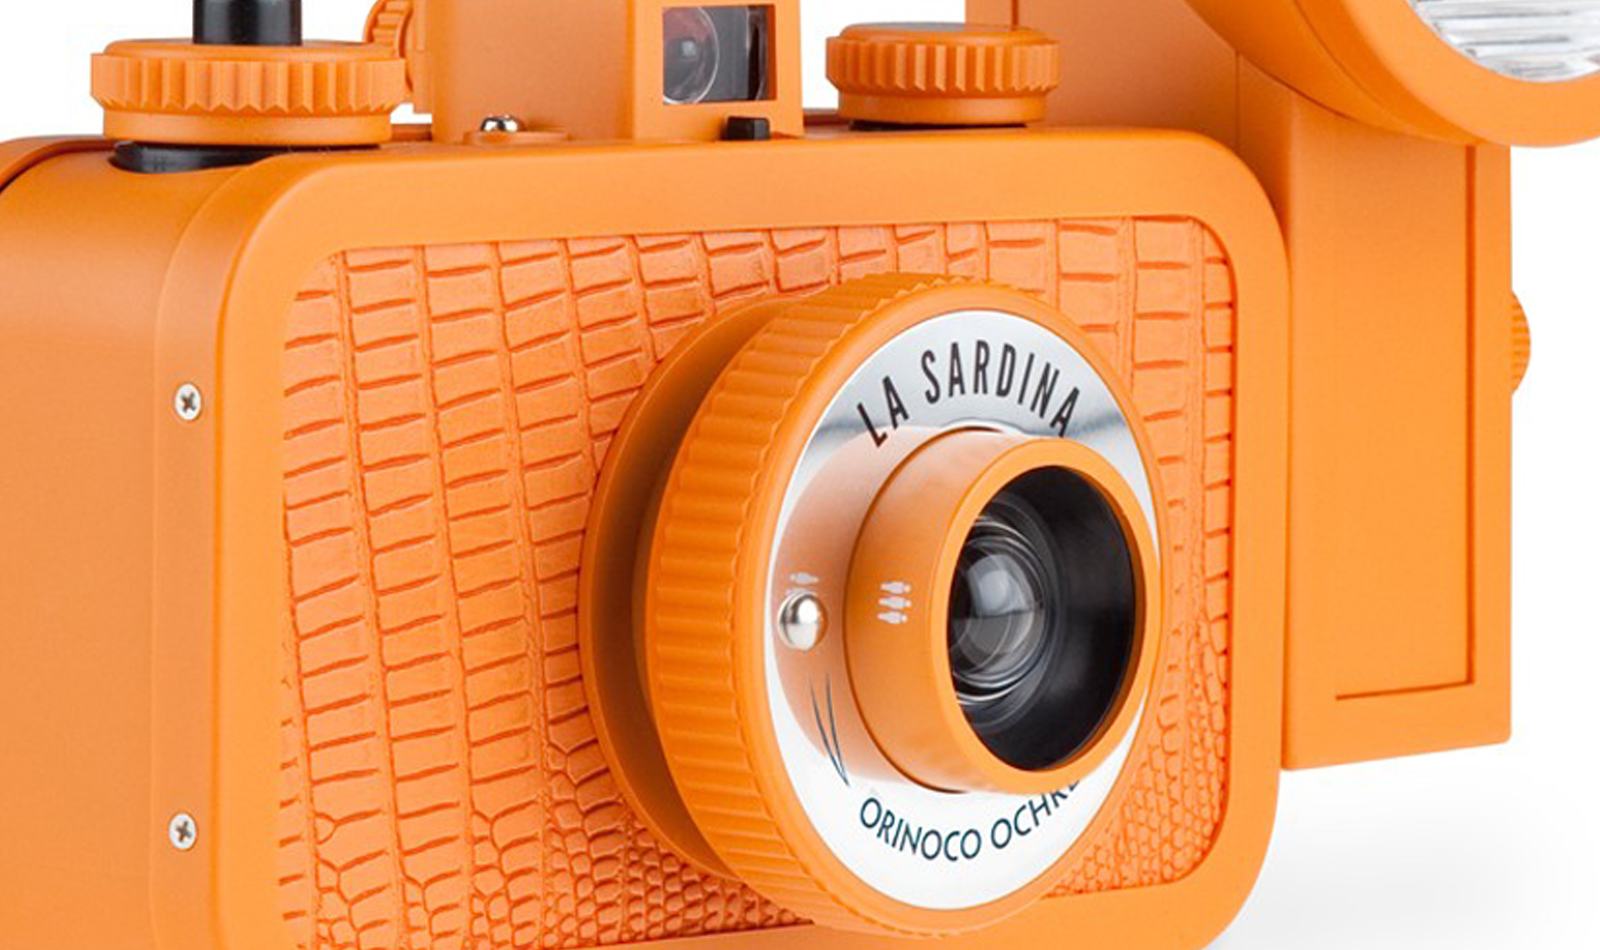 Lomography La Sardina. lo scatto slow shoot - Tweedot blog